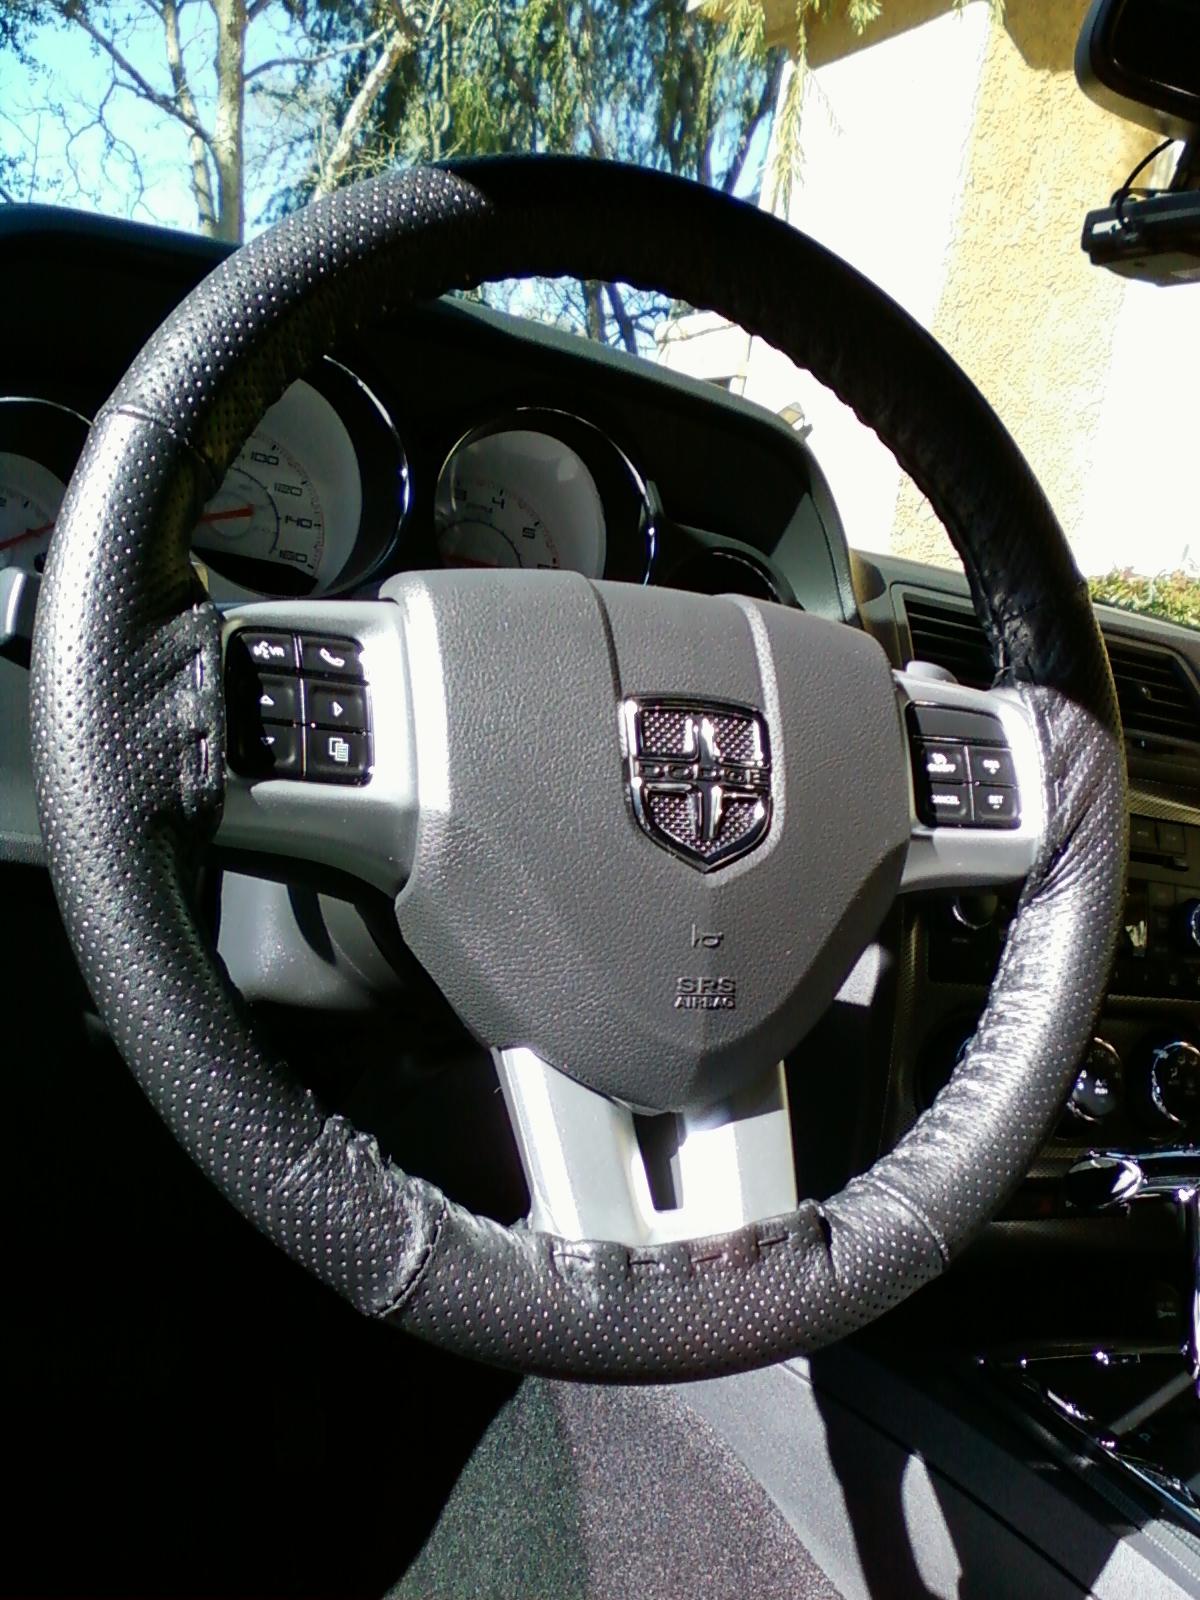 Steering wheel cover suggestions?-21.jpg